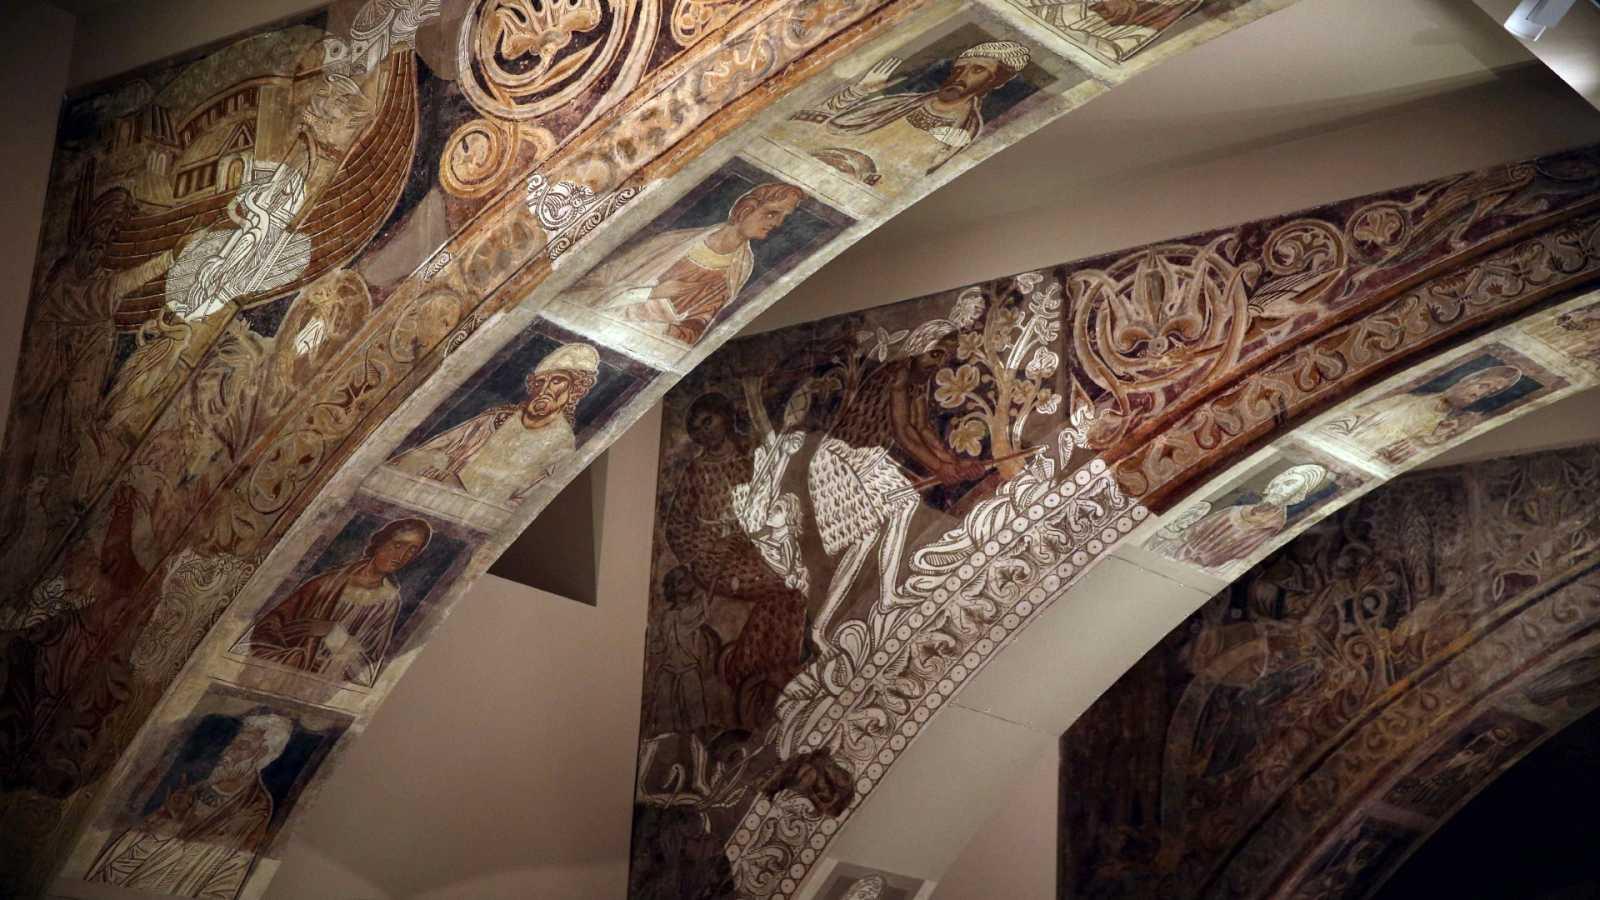 Reportajes Emisoras - Huesca - Reintegración de las pinturas murales del Monasterio de Sijena - 14/04/21 - Escuchar ahora